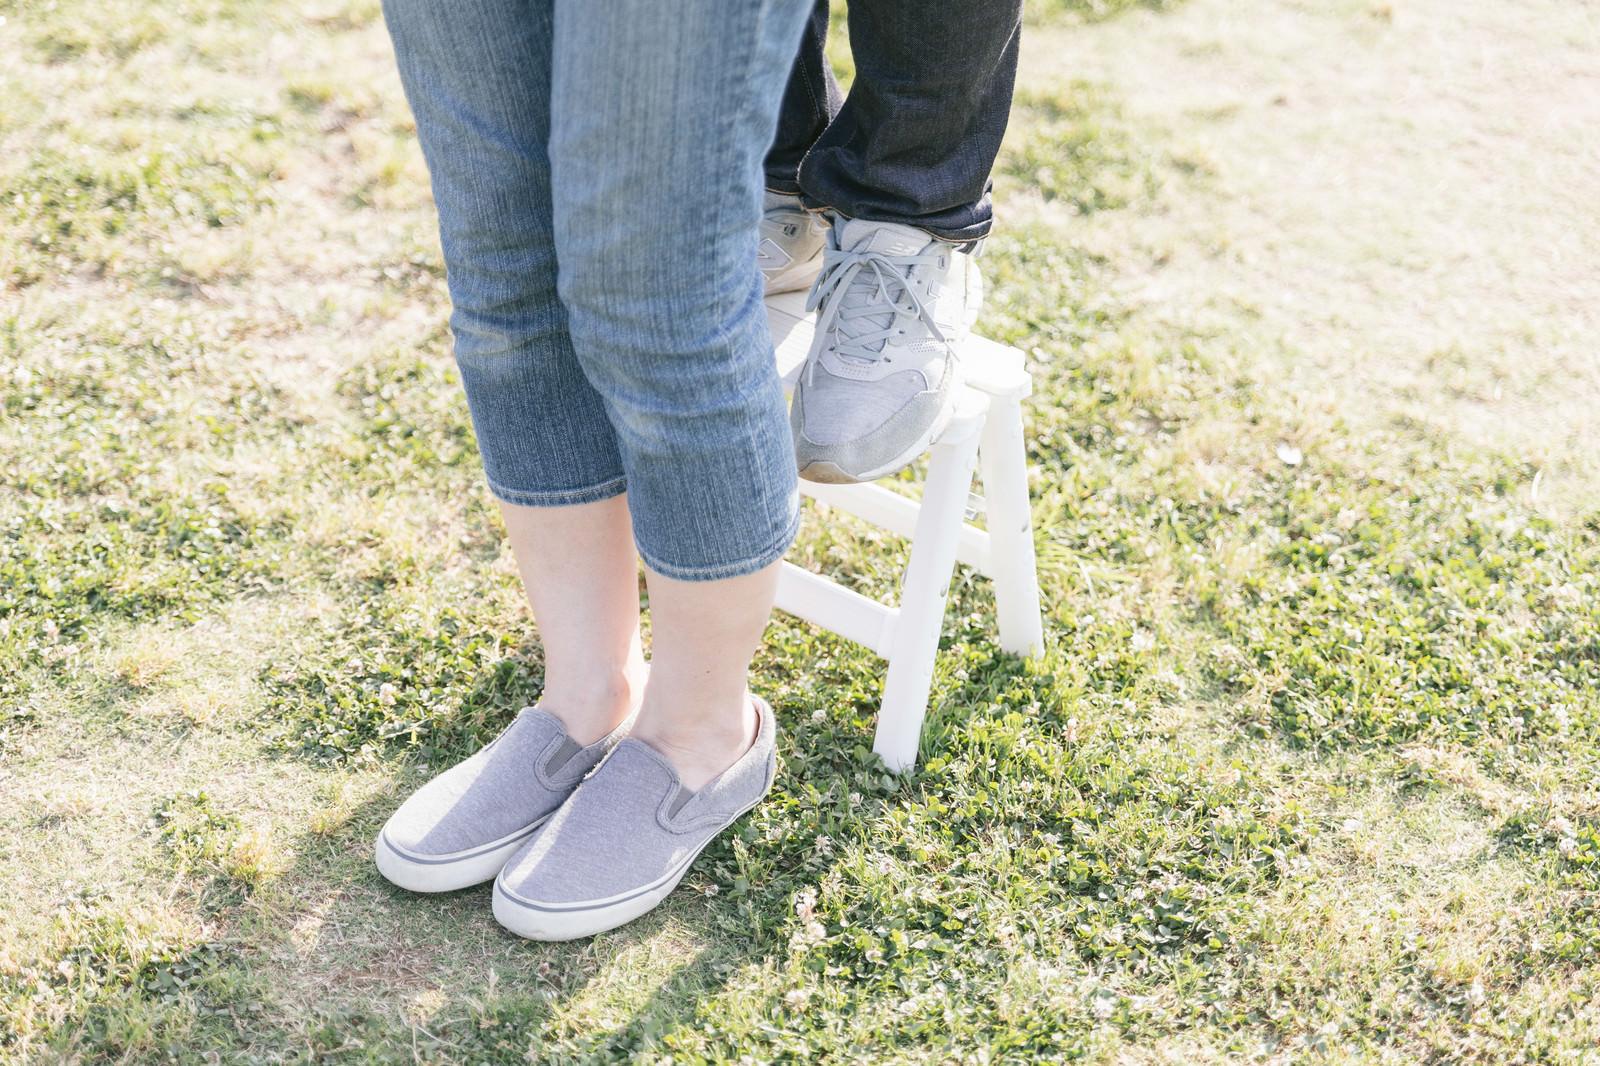 「ミニ脚立を使って「後ろからギュッ」にチャレンジする身長差カップルの足元」の写真